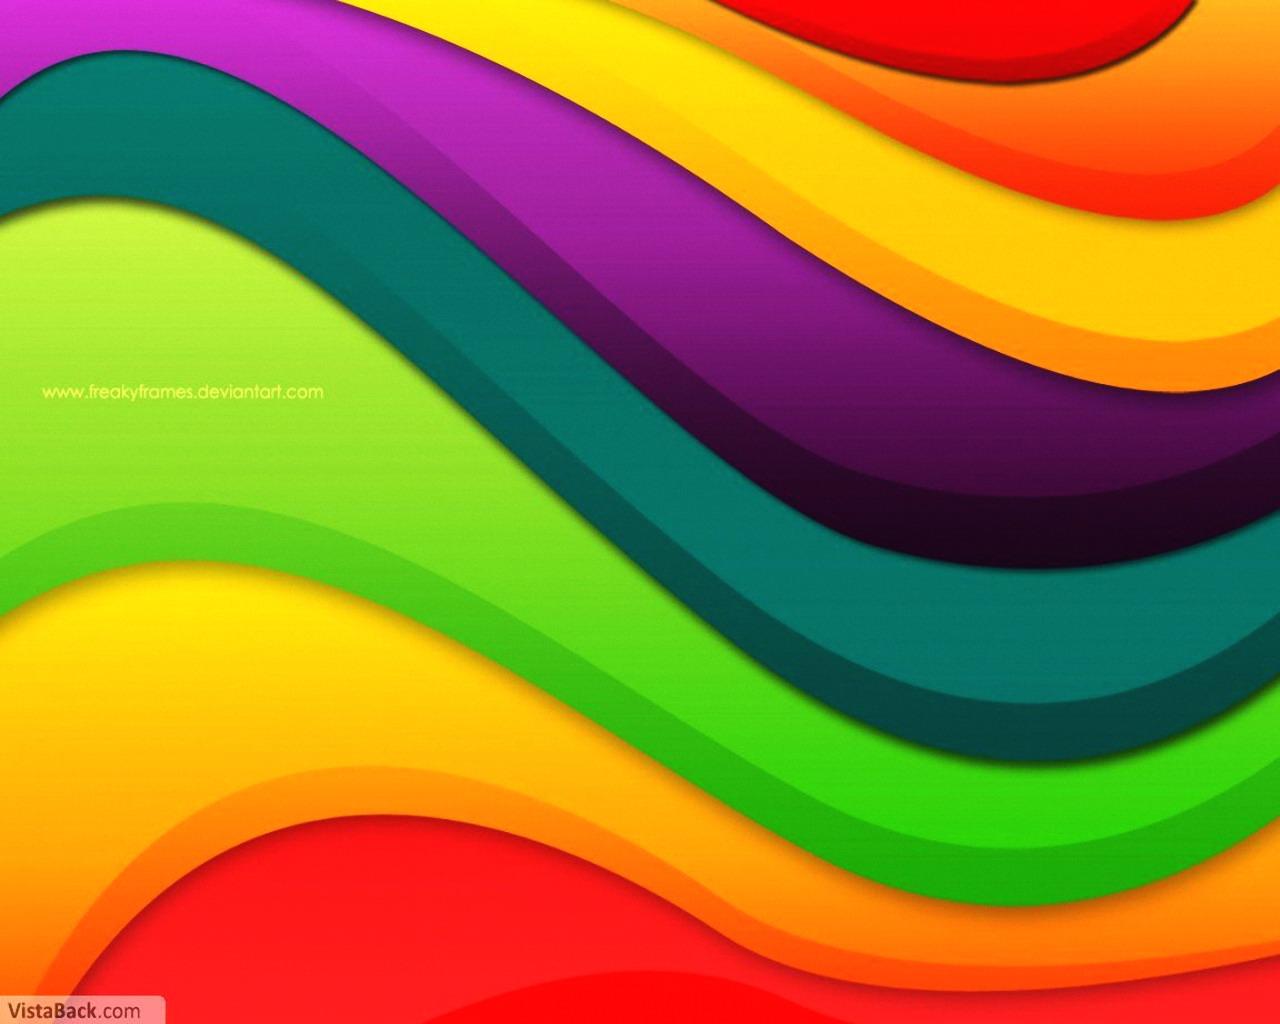 http://3.bp.blogspot.com/_IwbCppTeH0E/TK8Ltn1b89I/AAAAAAAABuY/yBCNMal-ZxE/s1600/1698_4838_090221045007_37.jpg